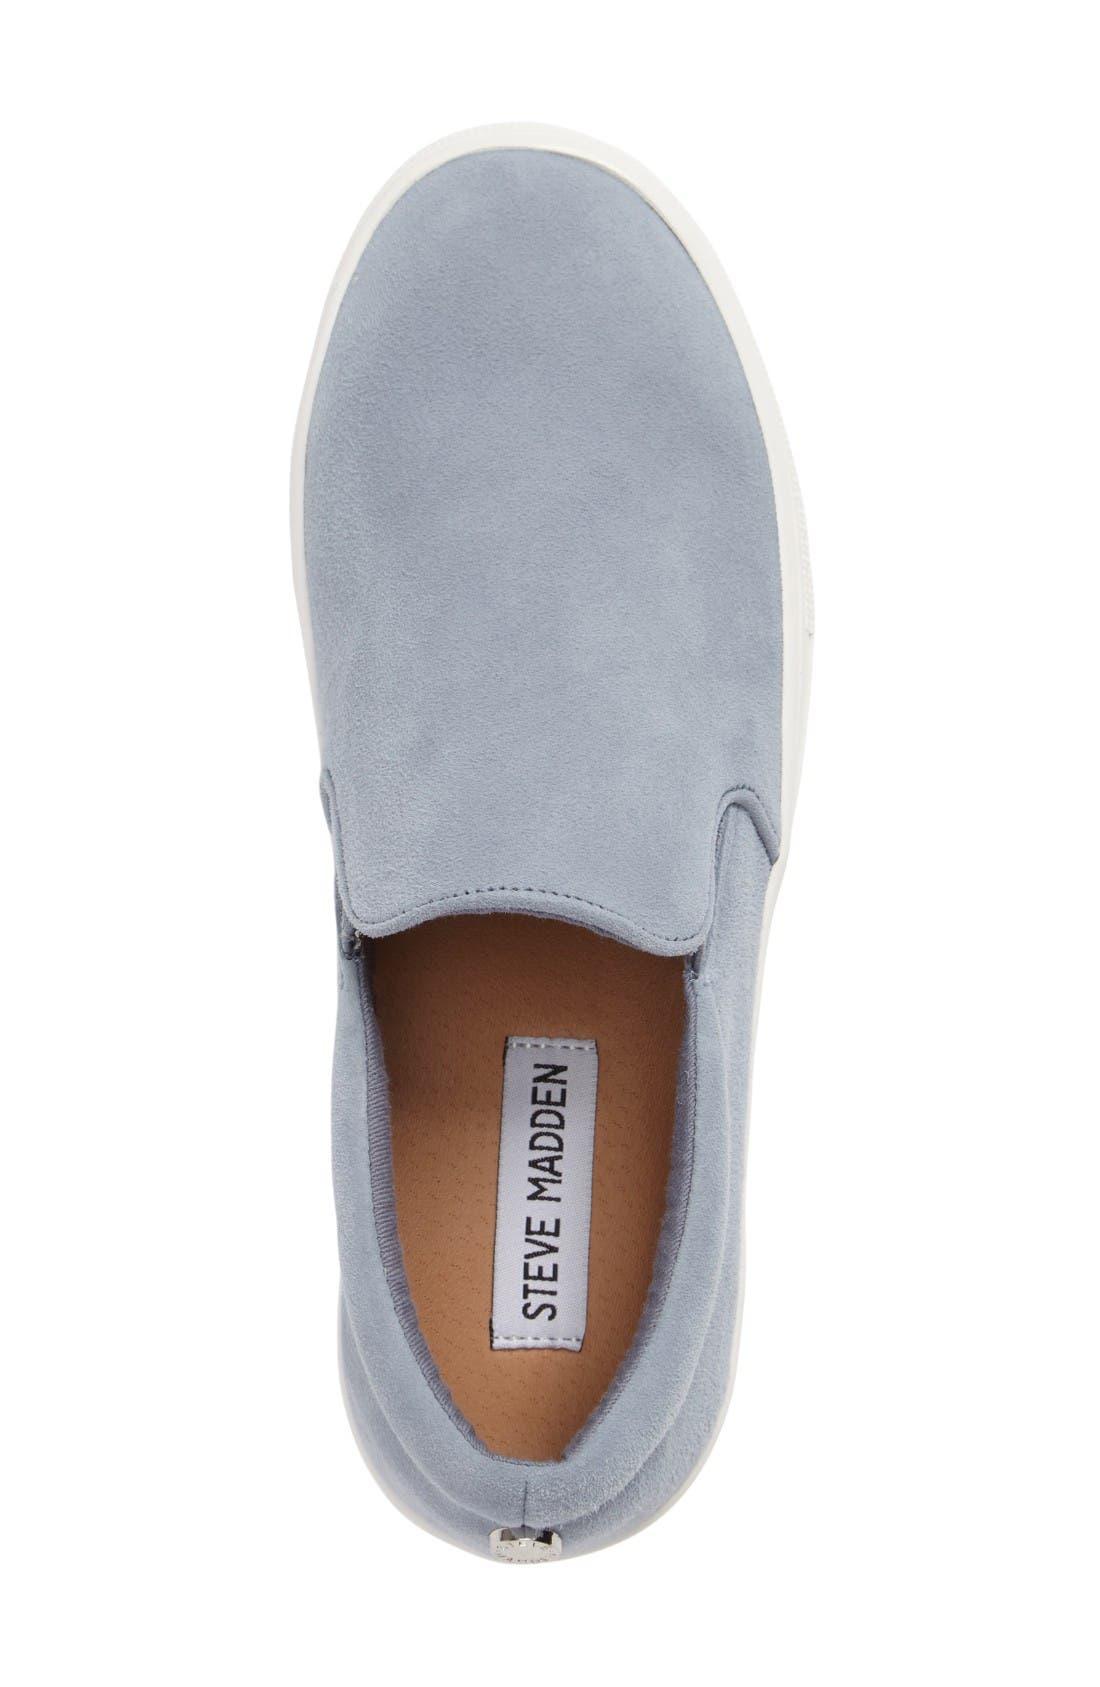 Gills Platform Slip-On Sneaker,                             Alternate thumbnail 3, color,                             Light Blue